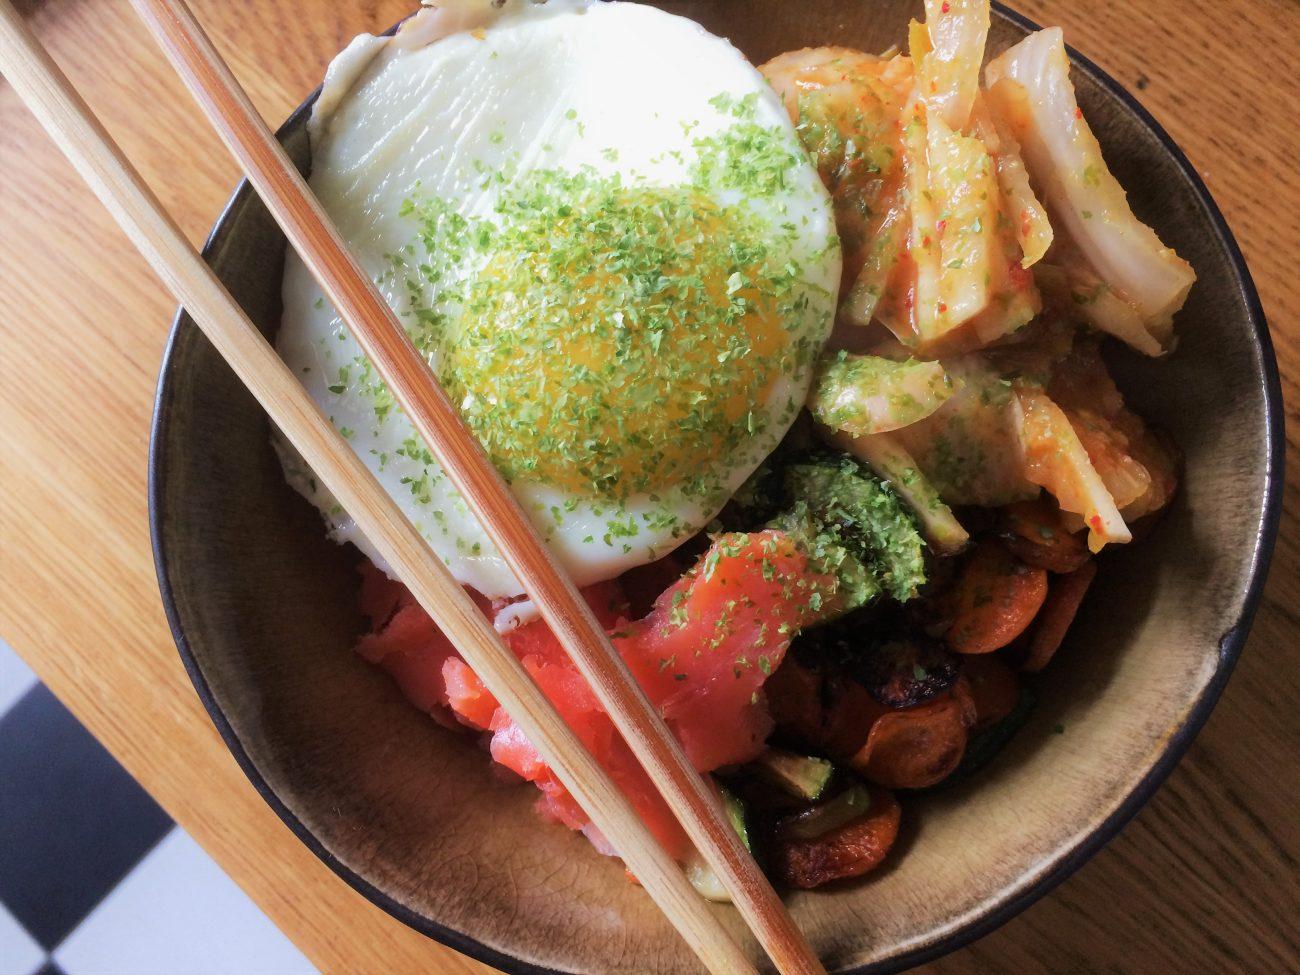 Frühstücksbowl oder Bibimbap?